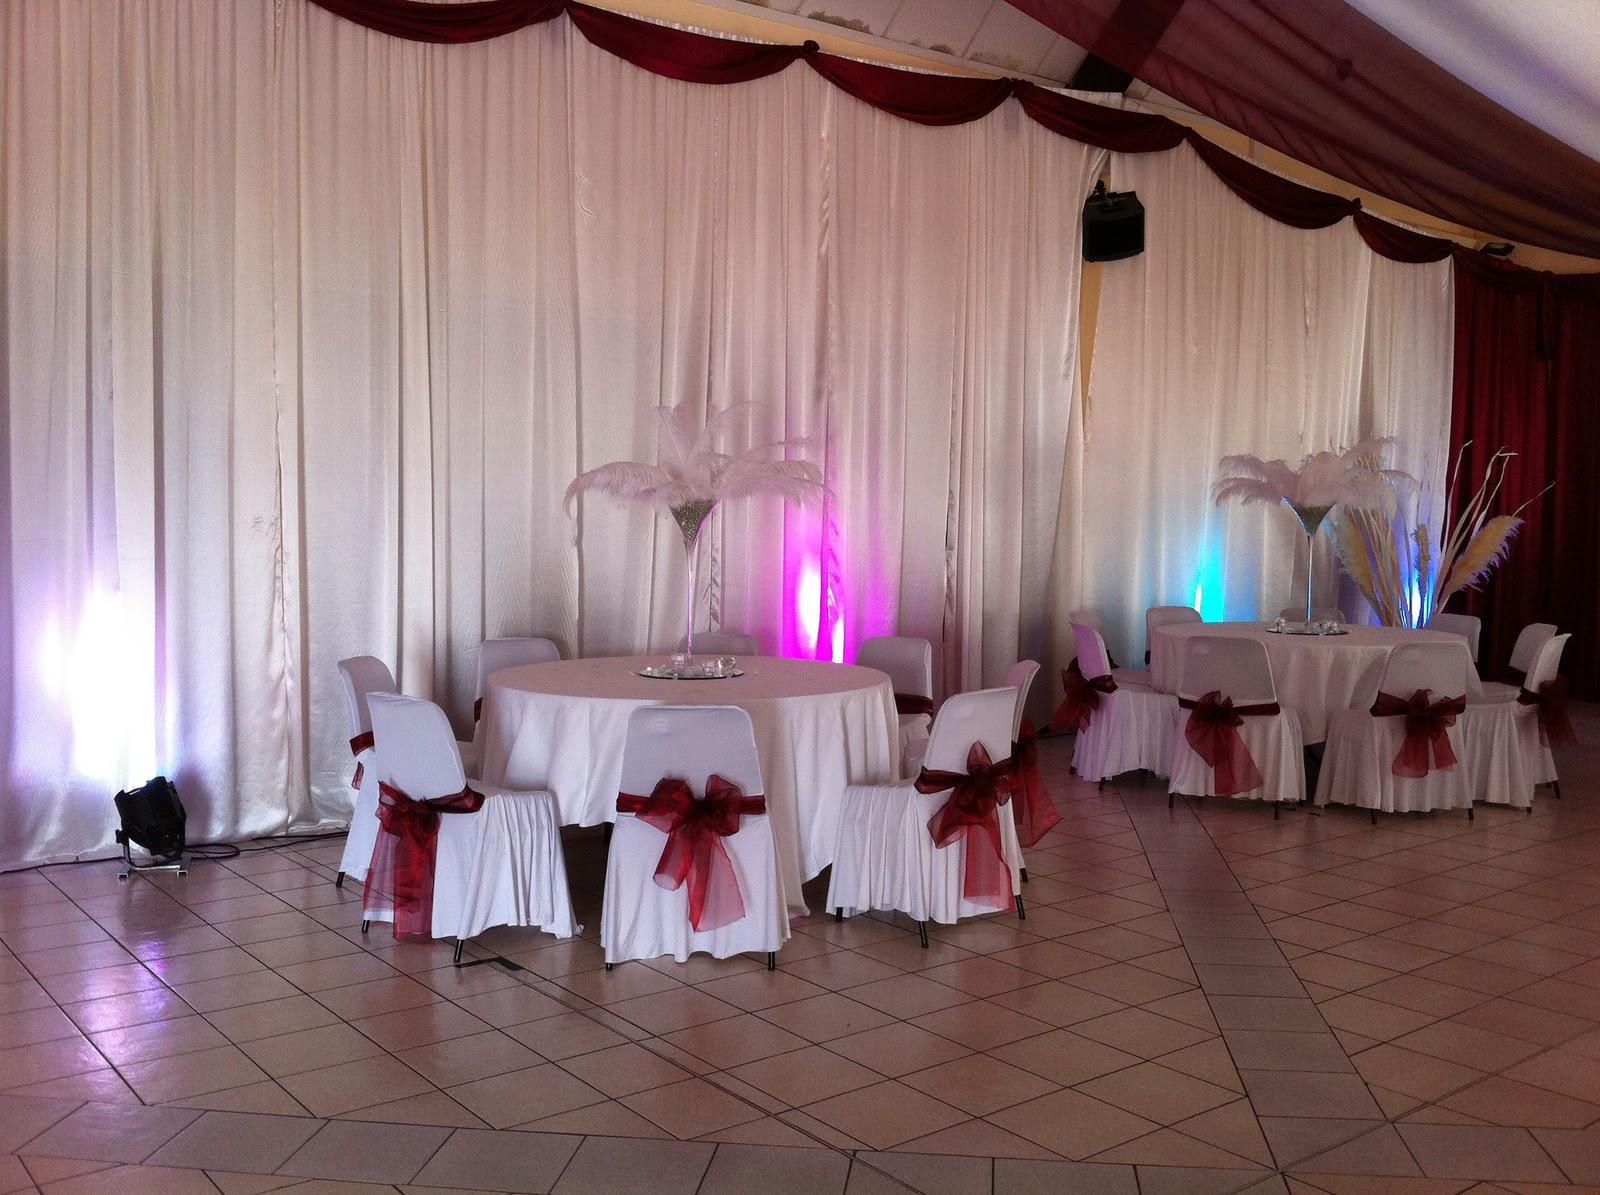 Blog decoration mariage decoration mariage paris seine et marne val de m - Decoration mur mariage ...